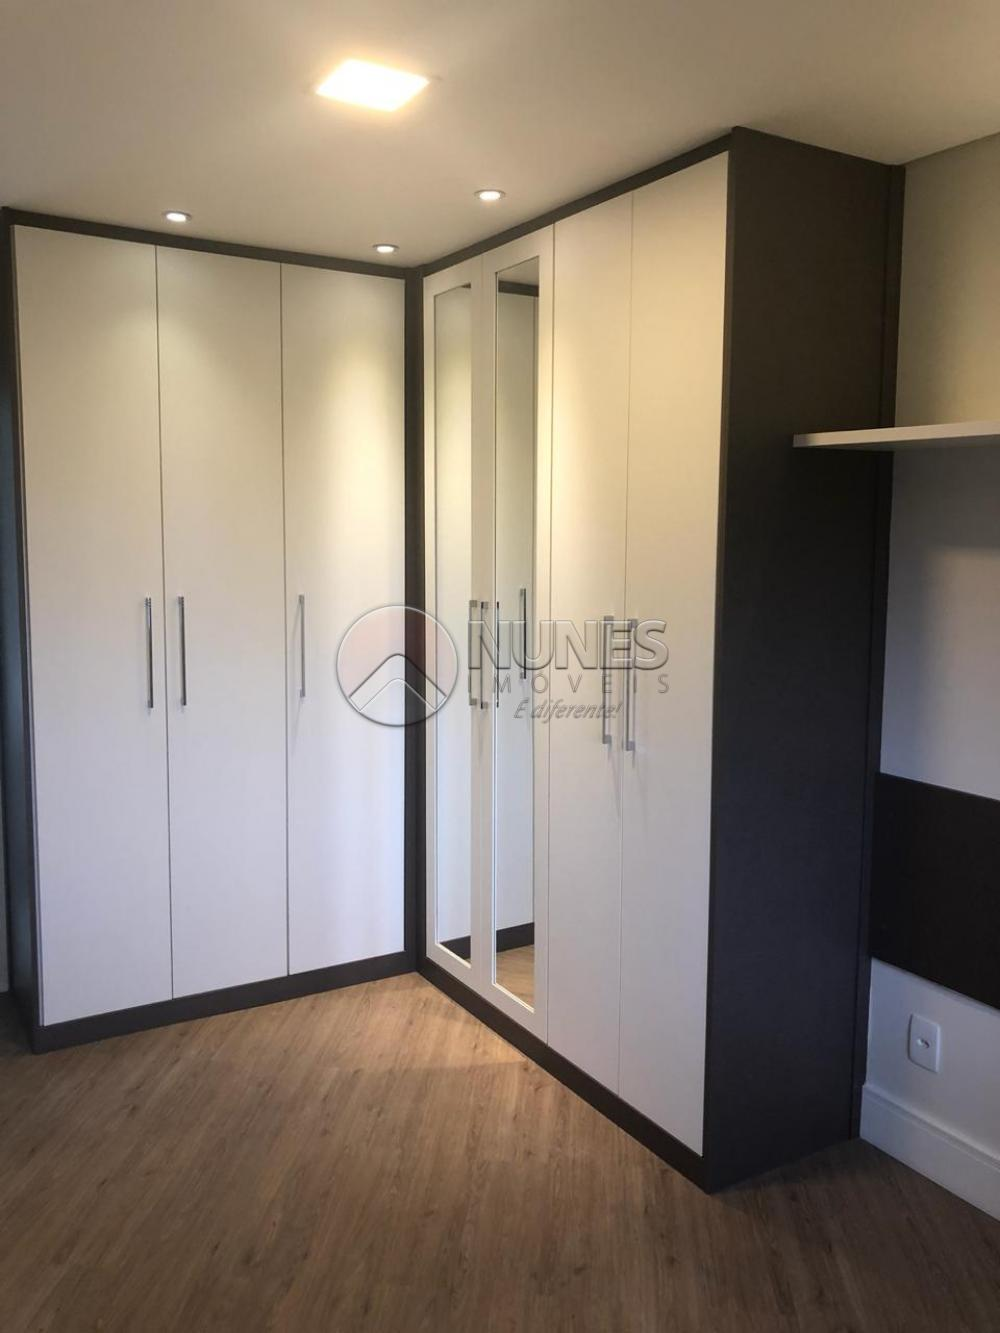 Comprar Apartamento / Padrão em Barueri apenas R$ 520.000,00 - Foto 13